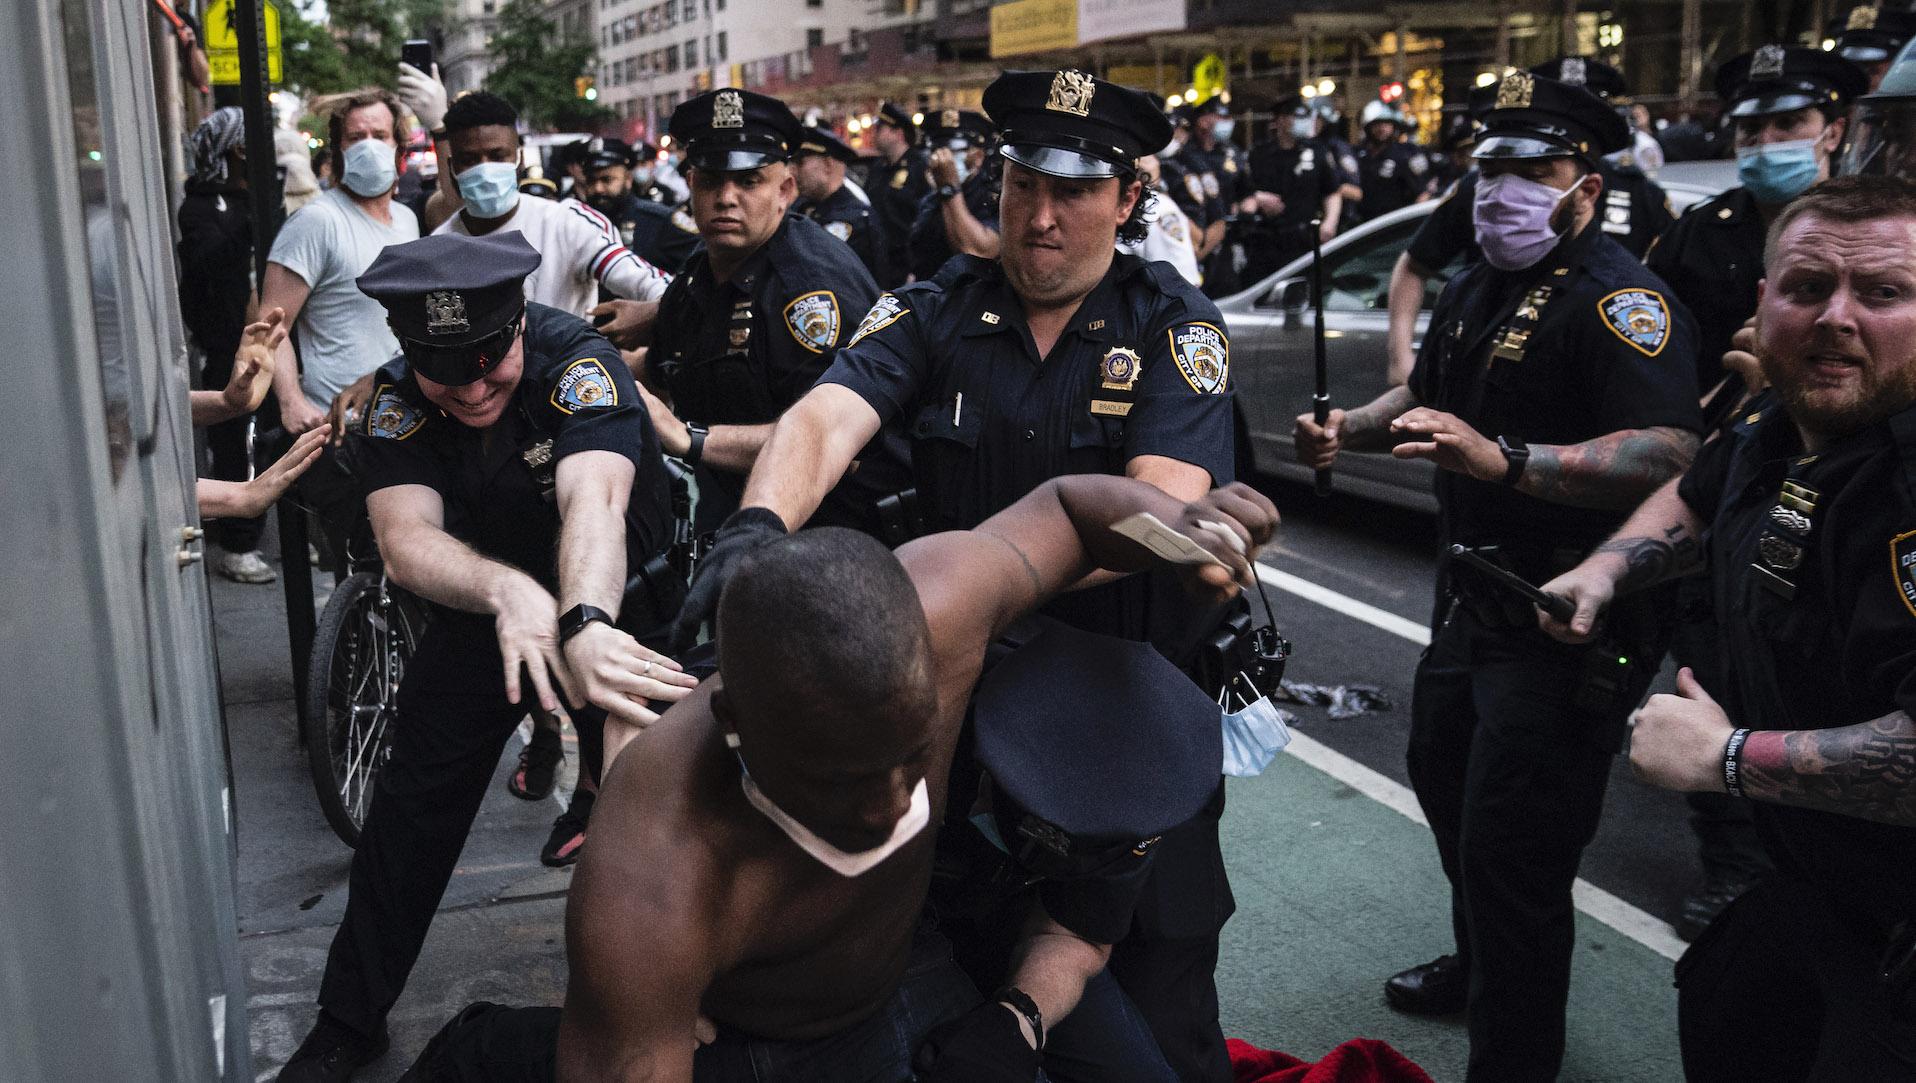 درگیری میان مردم و پلیس شیکاگو بر سر پایین کشیدن مجسمه کریستف کلمب